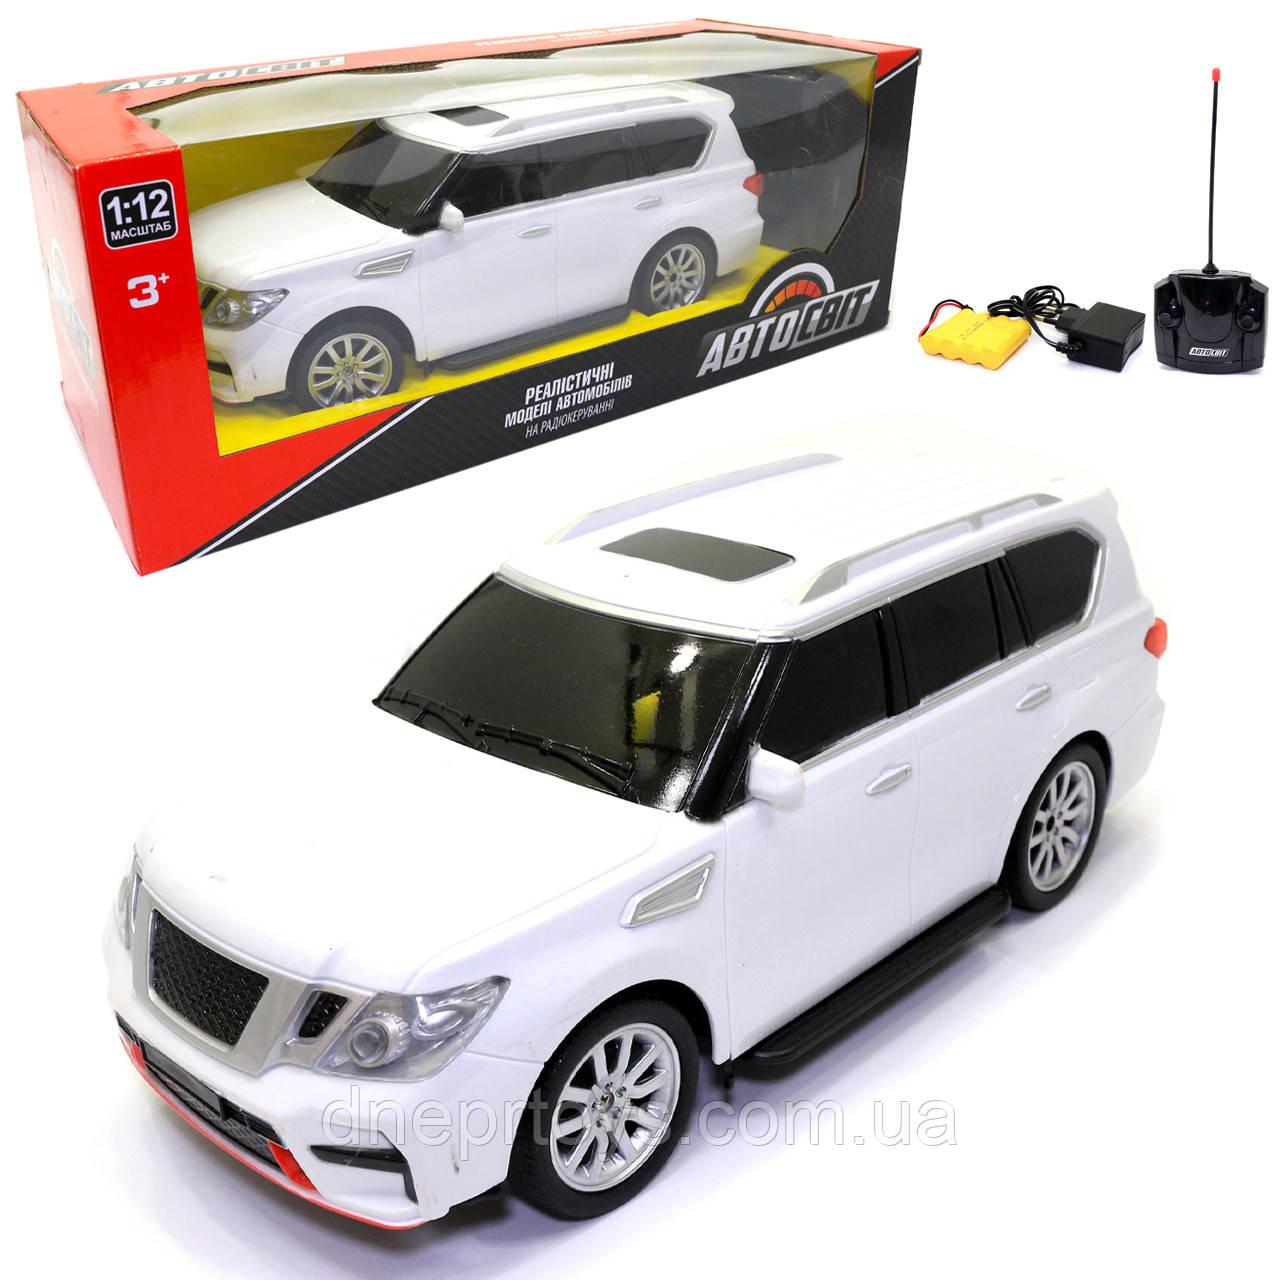 Игрушечная машинка на радиоуправлении АвтоСвіт «Nissan Patrol» джип белый, свет, звук 31*12*13 см (AS-2363)